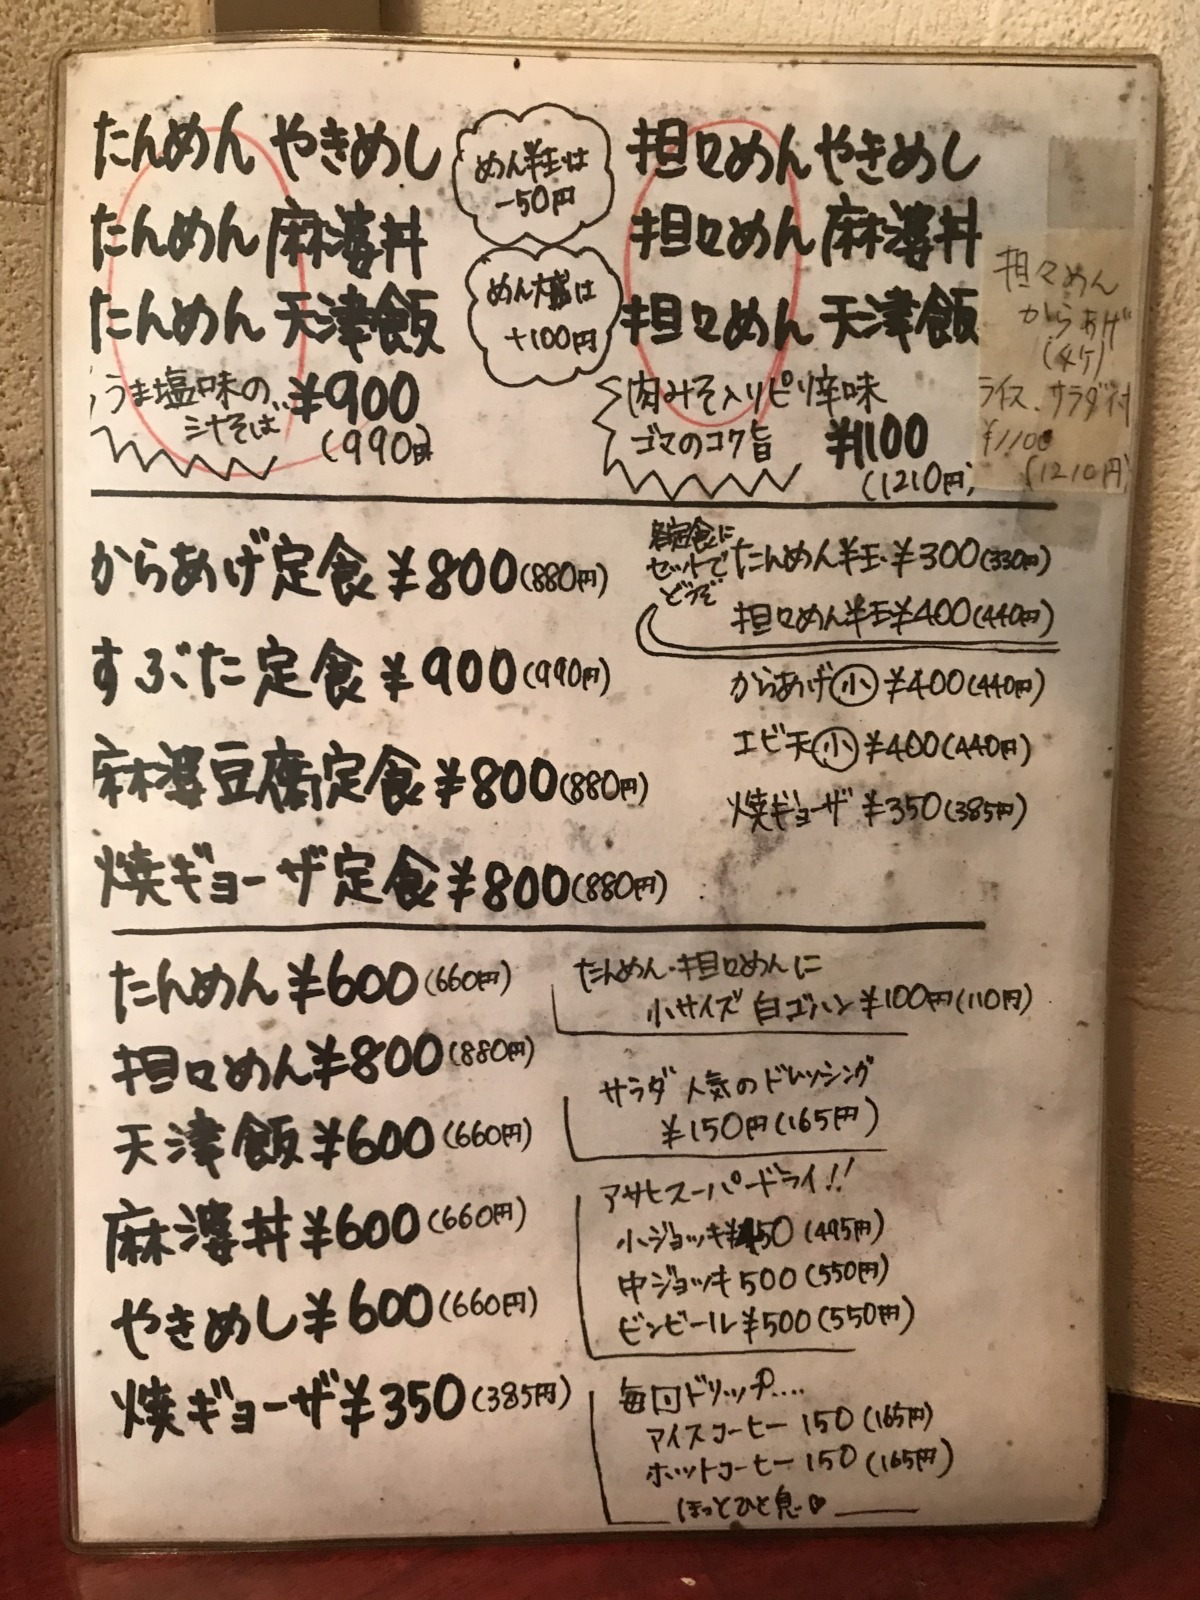 さかにゅー グルメ特集 ラーメン 堺市中区 遊菜単